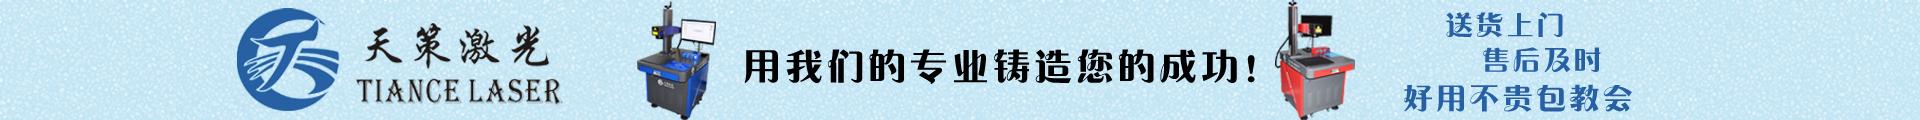 深圳市天策鐳射科技有限公司